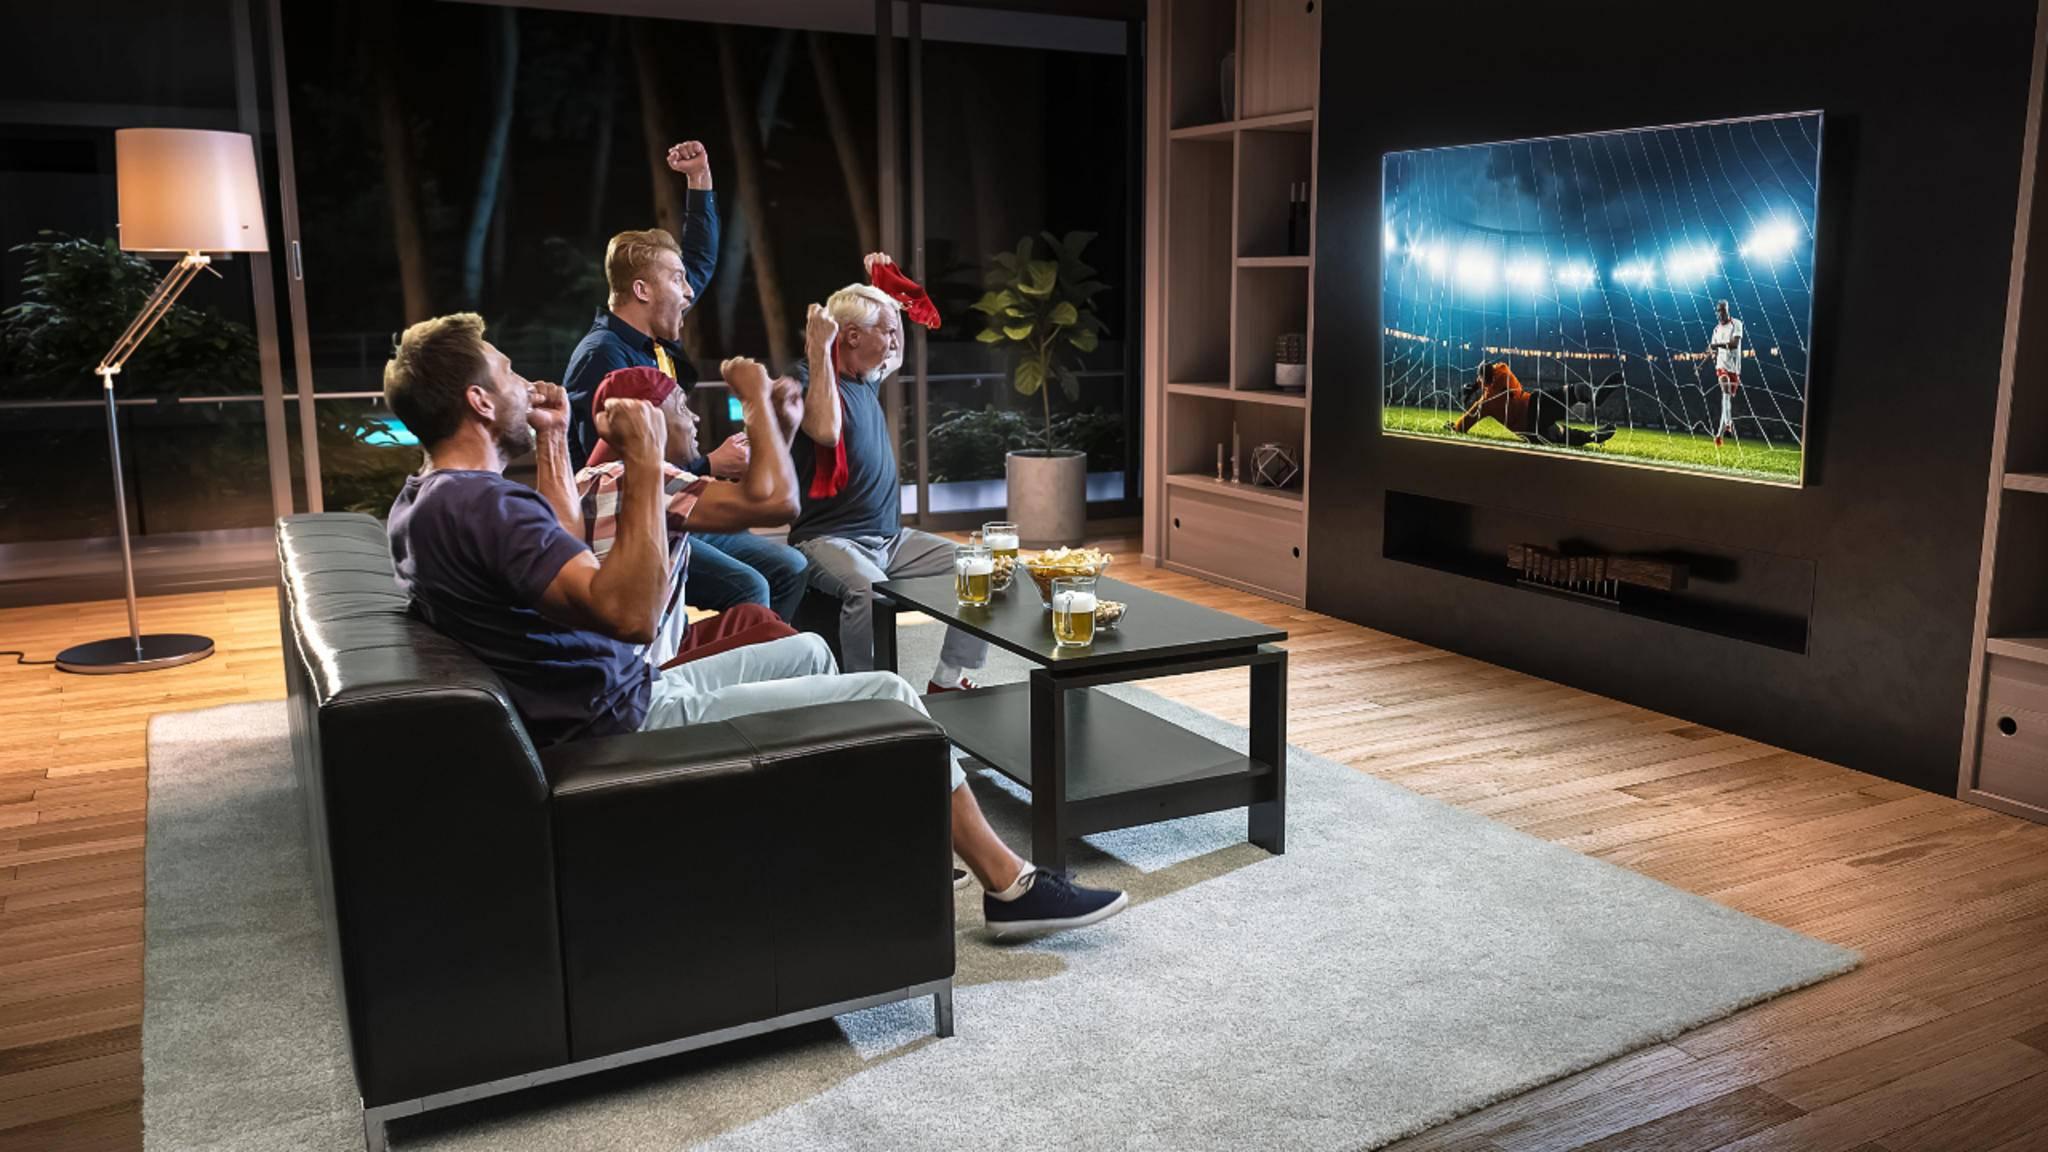 Grund zum Jubeln: Sky überträgt ausgewählte Bundesligaspiele am kommenden Wochenende live im Free-TV.